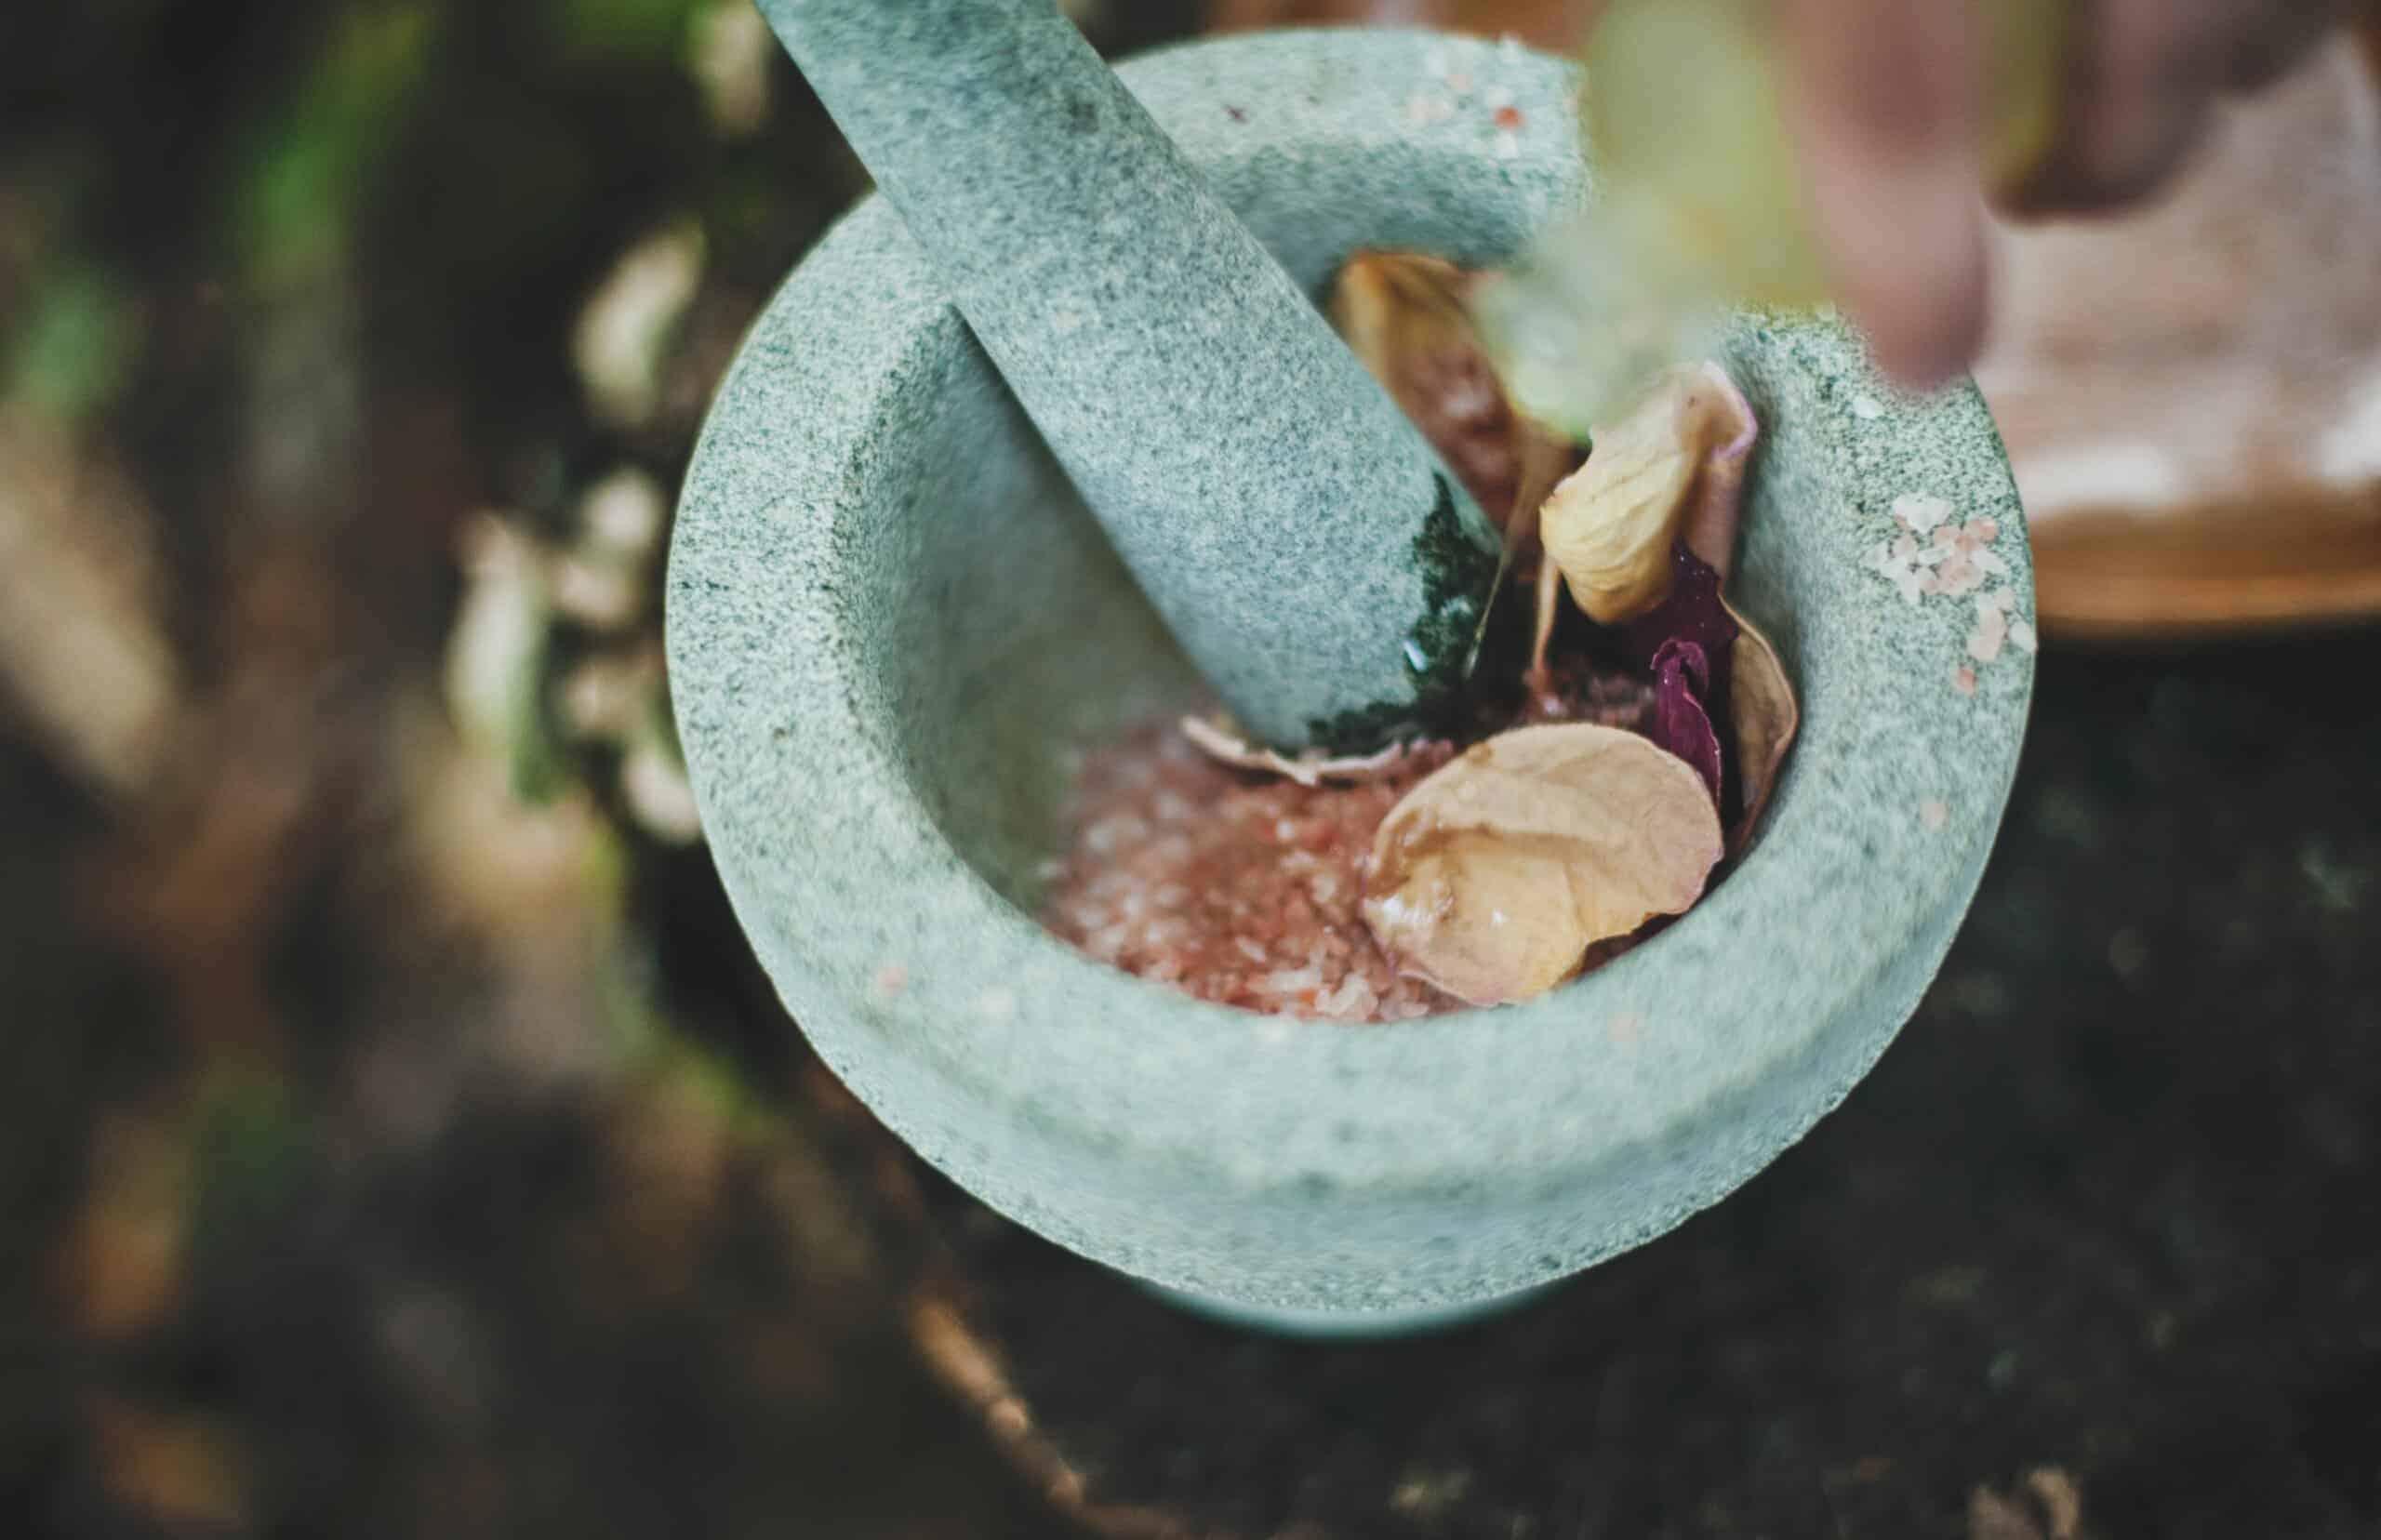 Świeżość | Balm Boutique świeże rośliny scaled